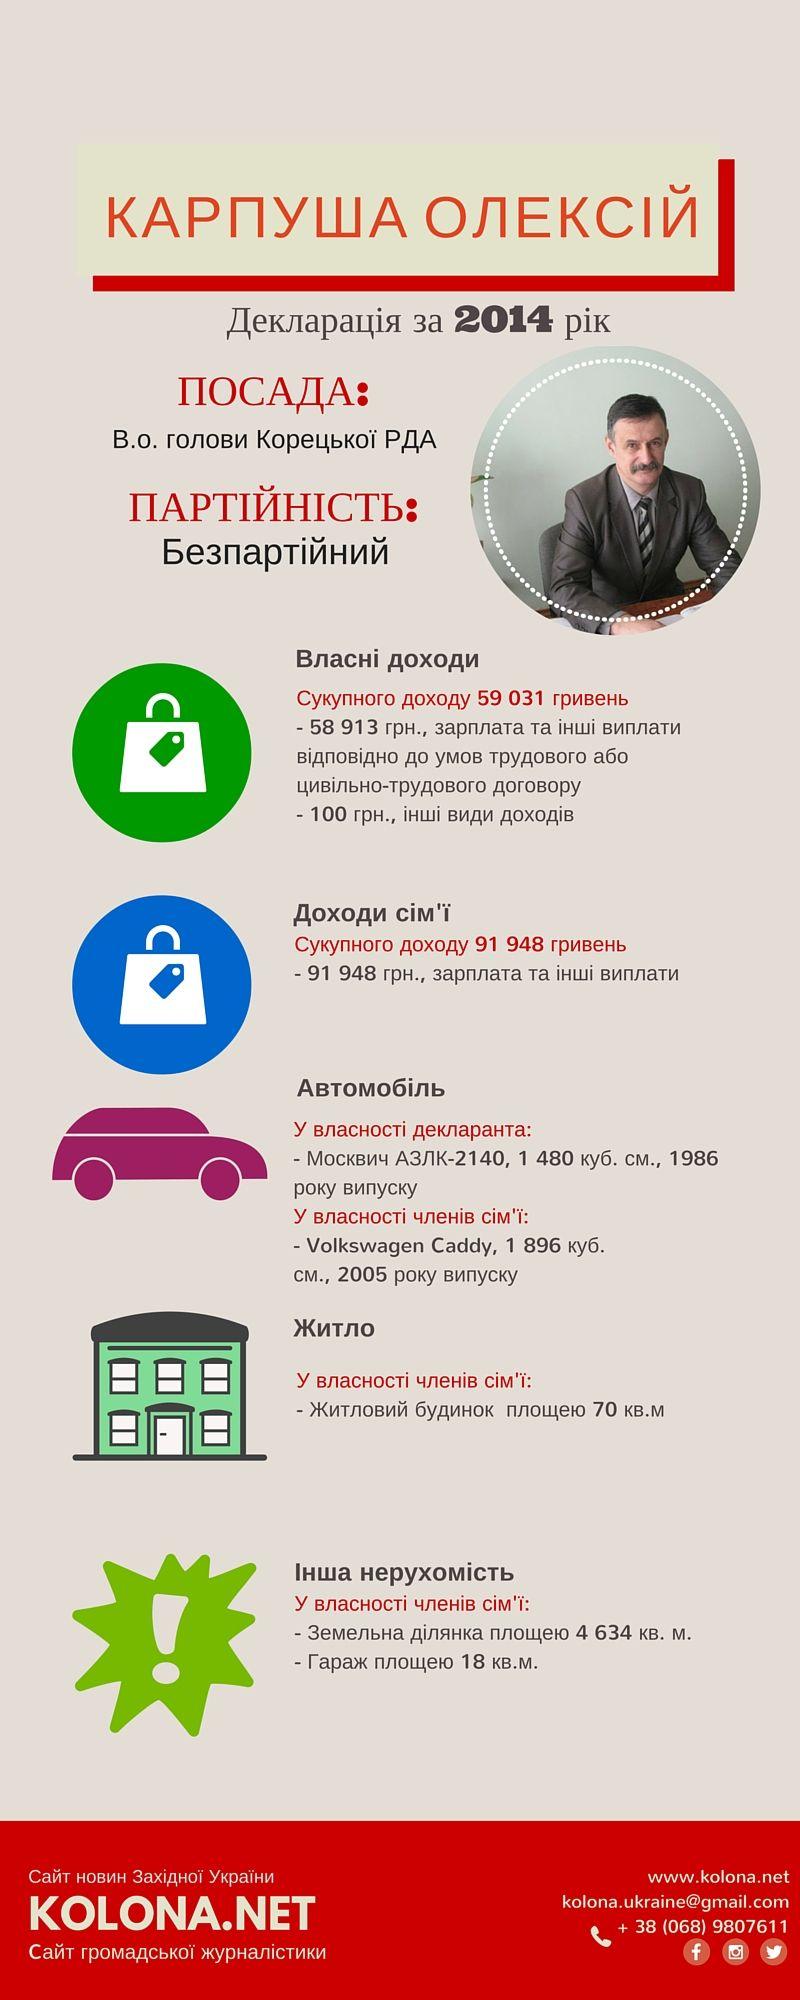 Скільки заробили очільники РДА Рівненщини: мільйонні доходи та дорогі автомобілі. Частина ІІІ